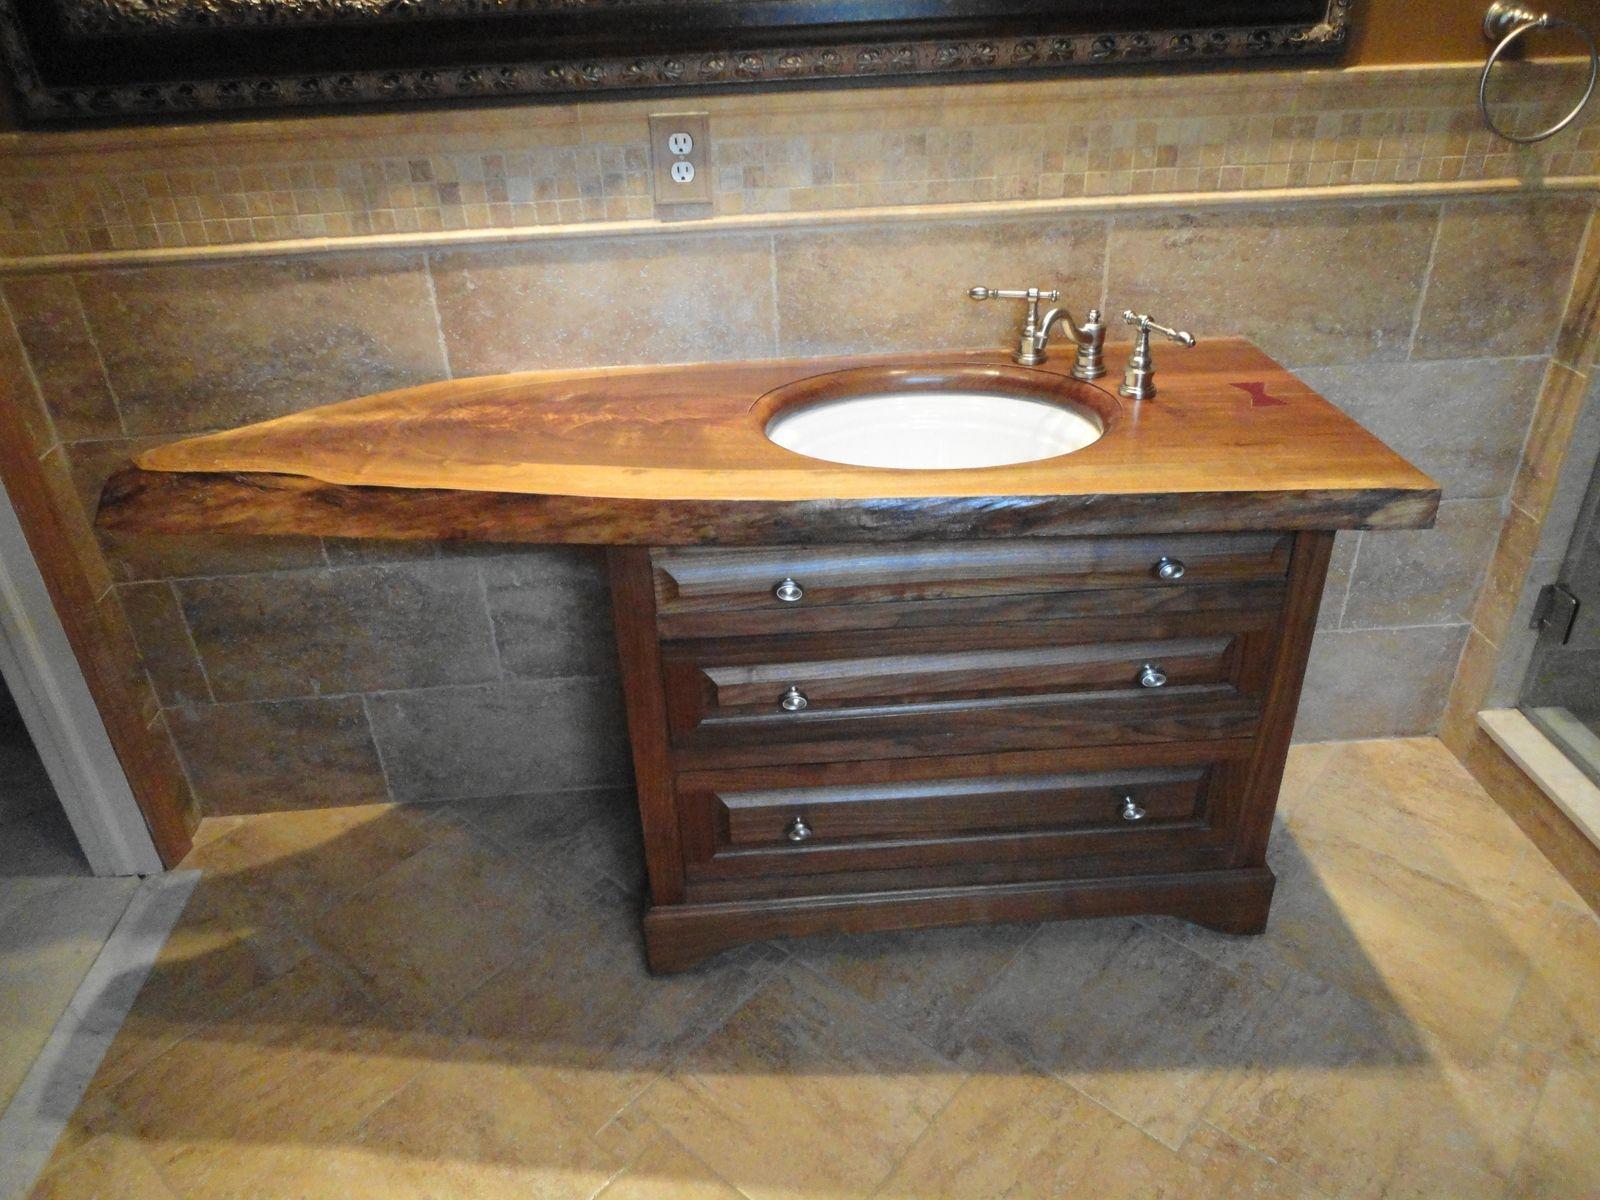 custom bathroom vanity. Bathroom vanities Image detail for  Custom Slab Top Walnut Vanity by Oak Mountain